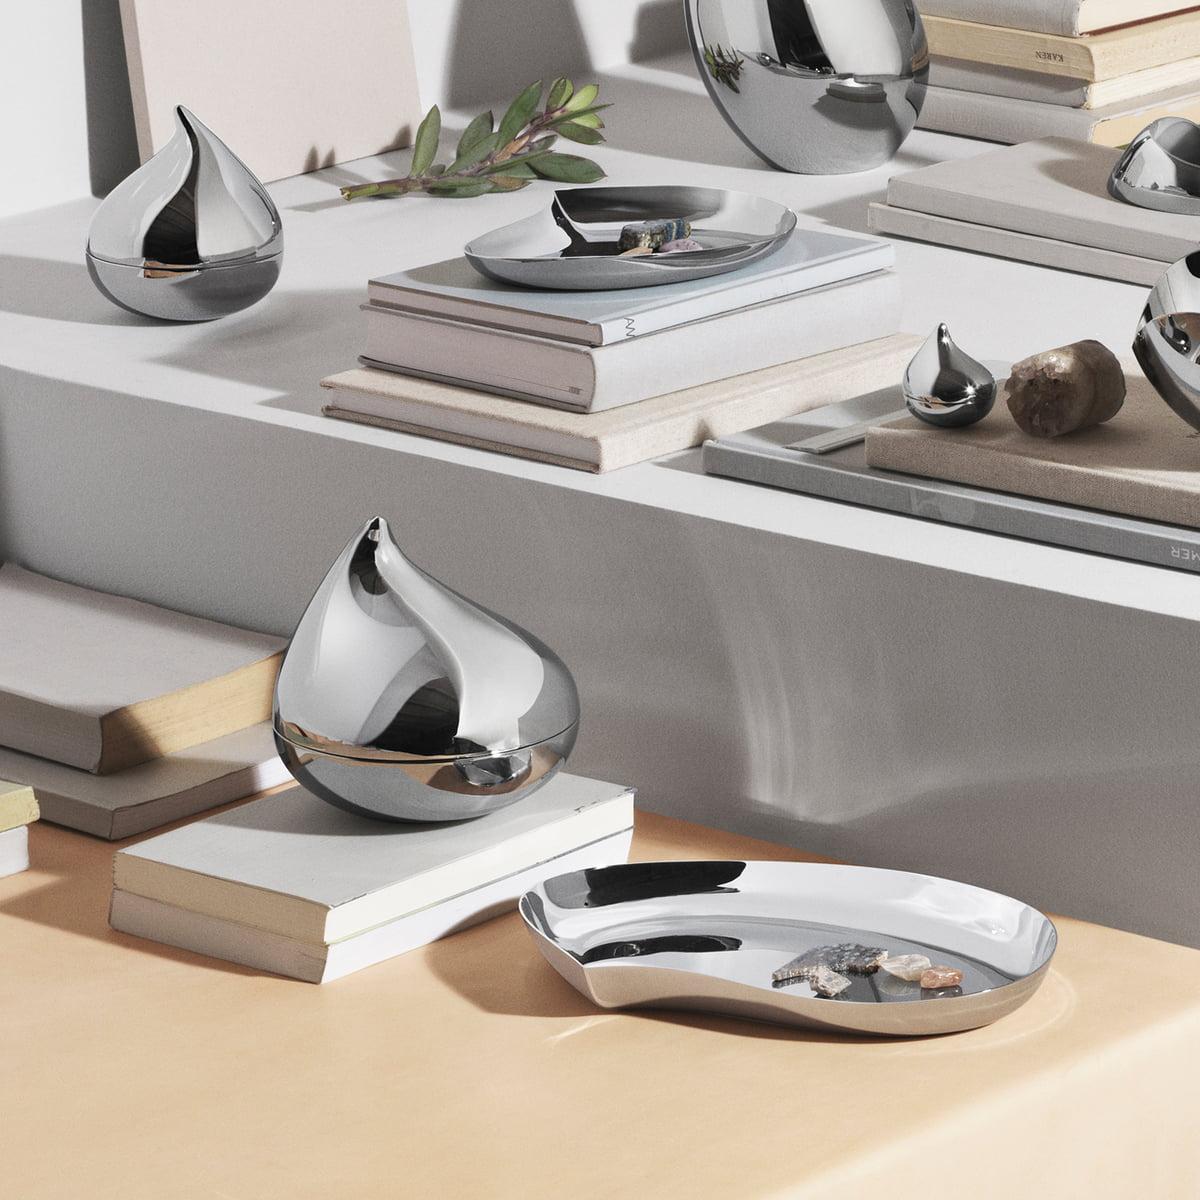 8b6b0d241db0 ... Flatware Set Matte Stainless. Georg Jensen Bloom Tray Stainless Steel  Bloom Tray Von Georg Jensen In The